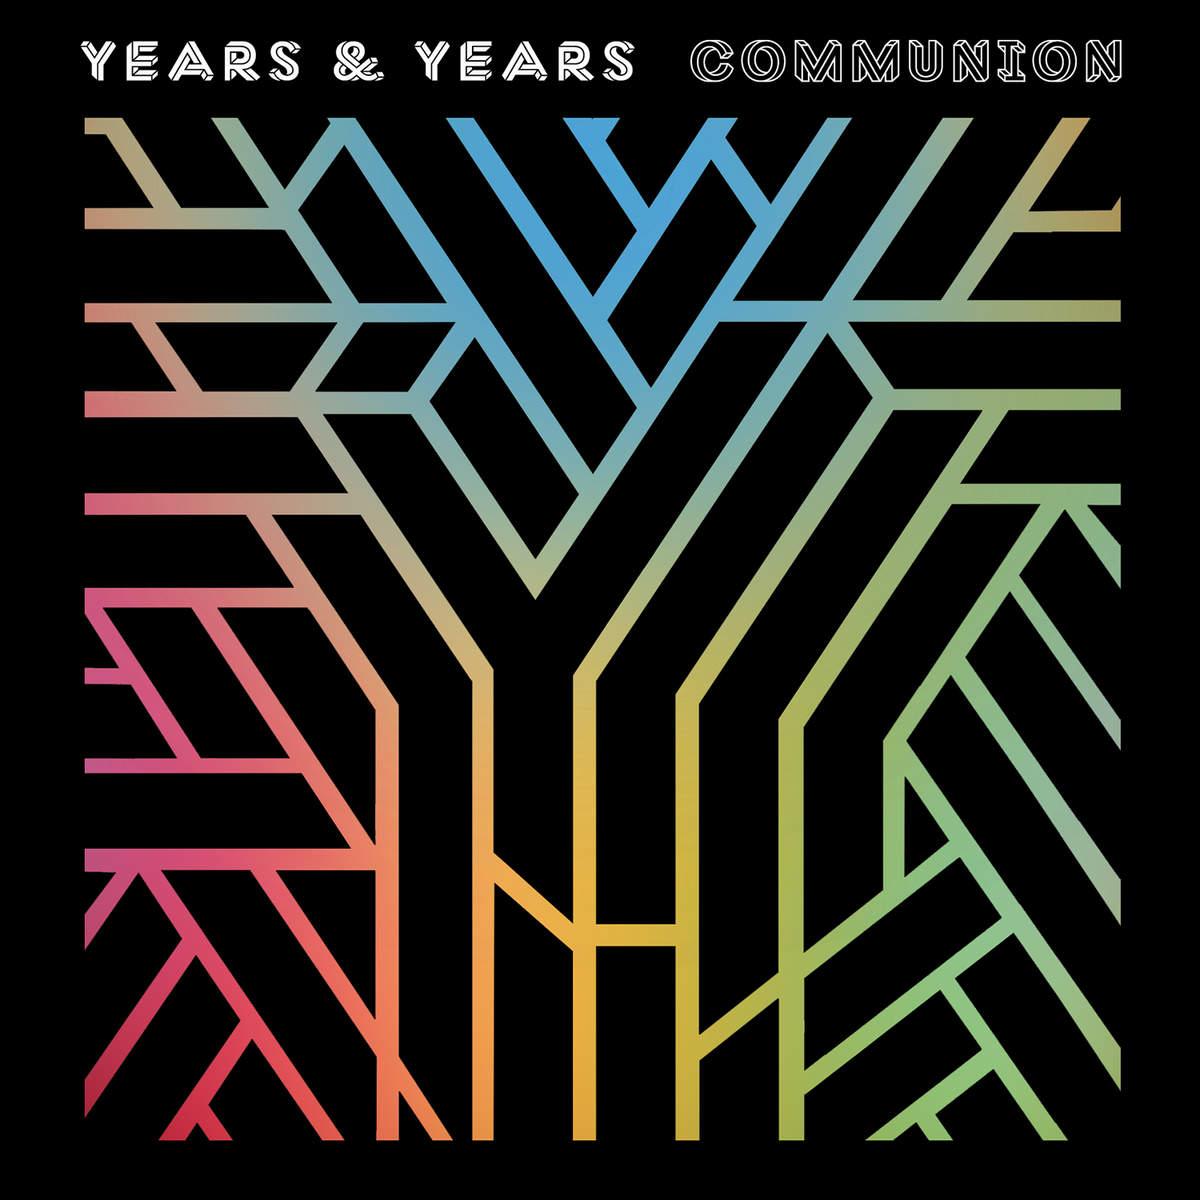 Years-Years-Communion-2015-album